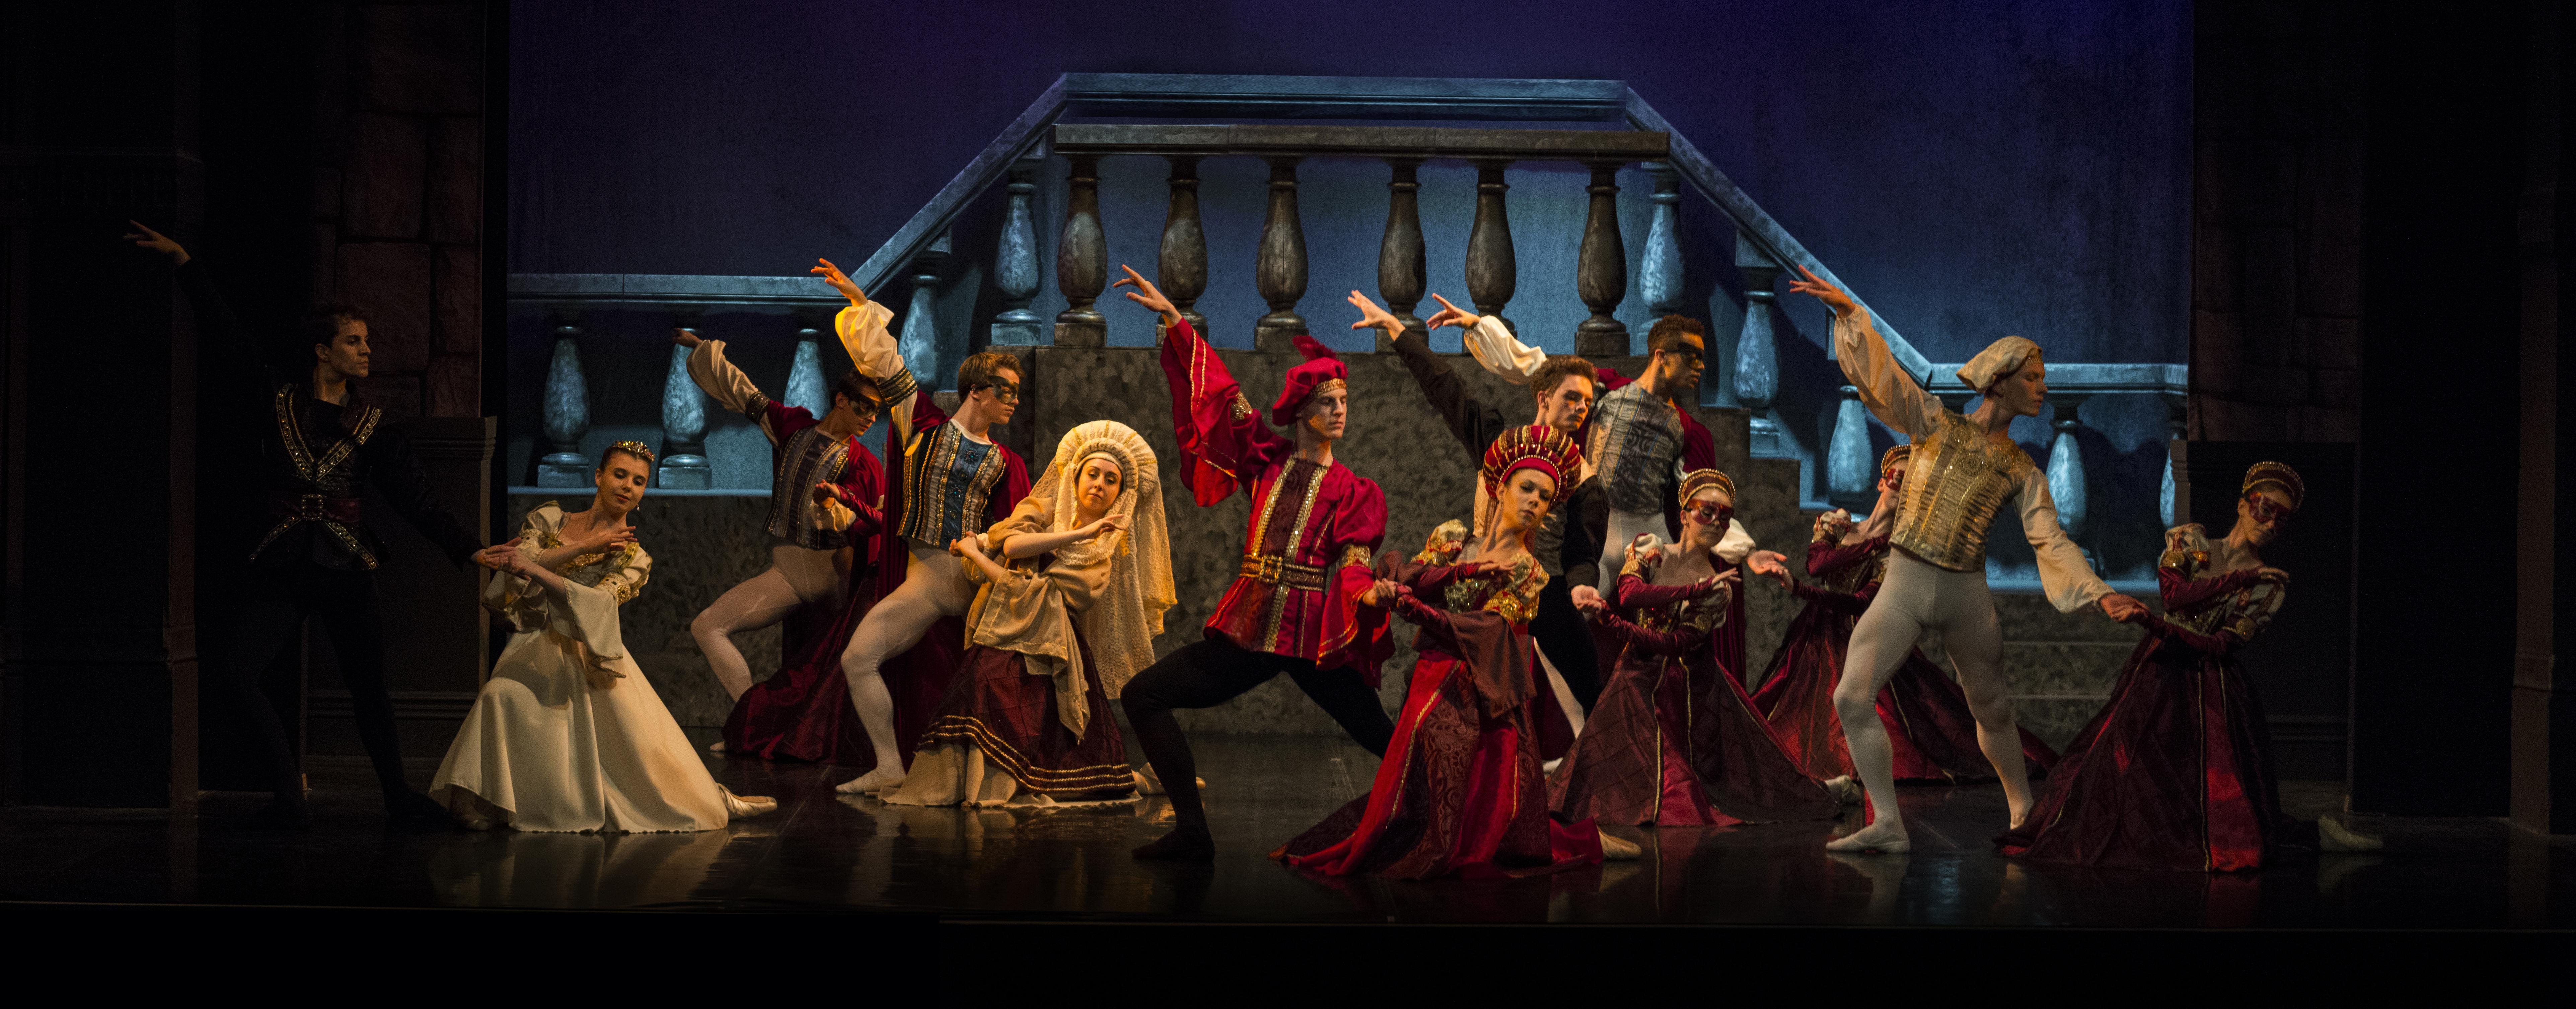 Romeo and Juliet Ballet Theatre UK